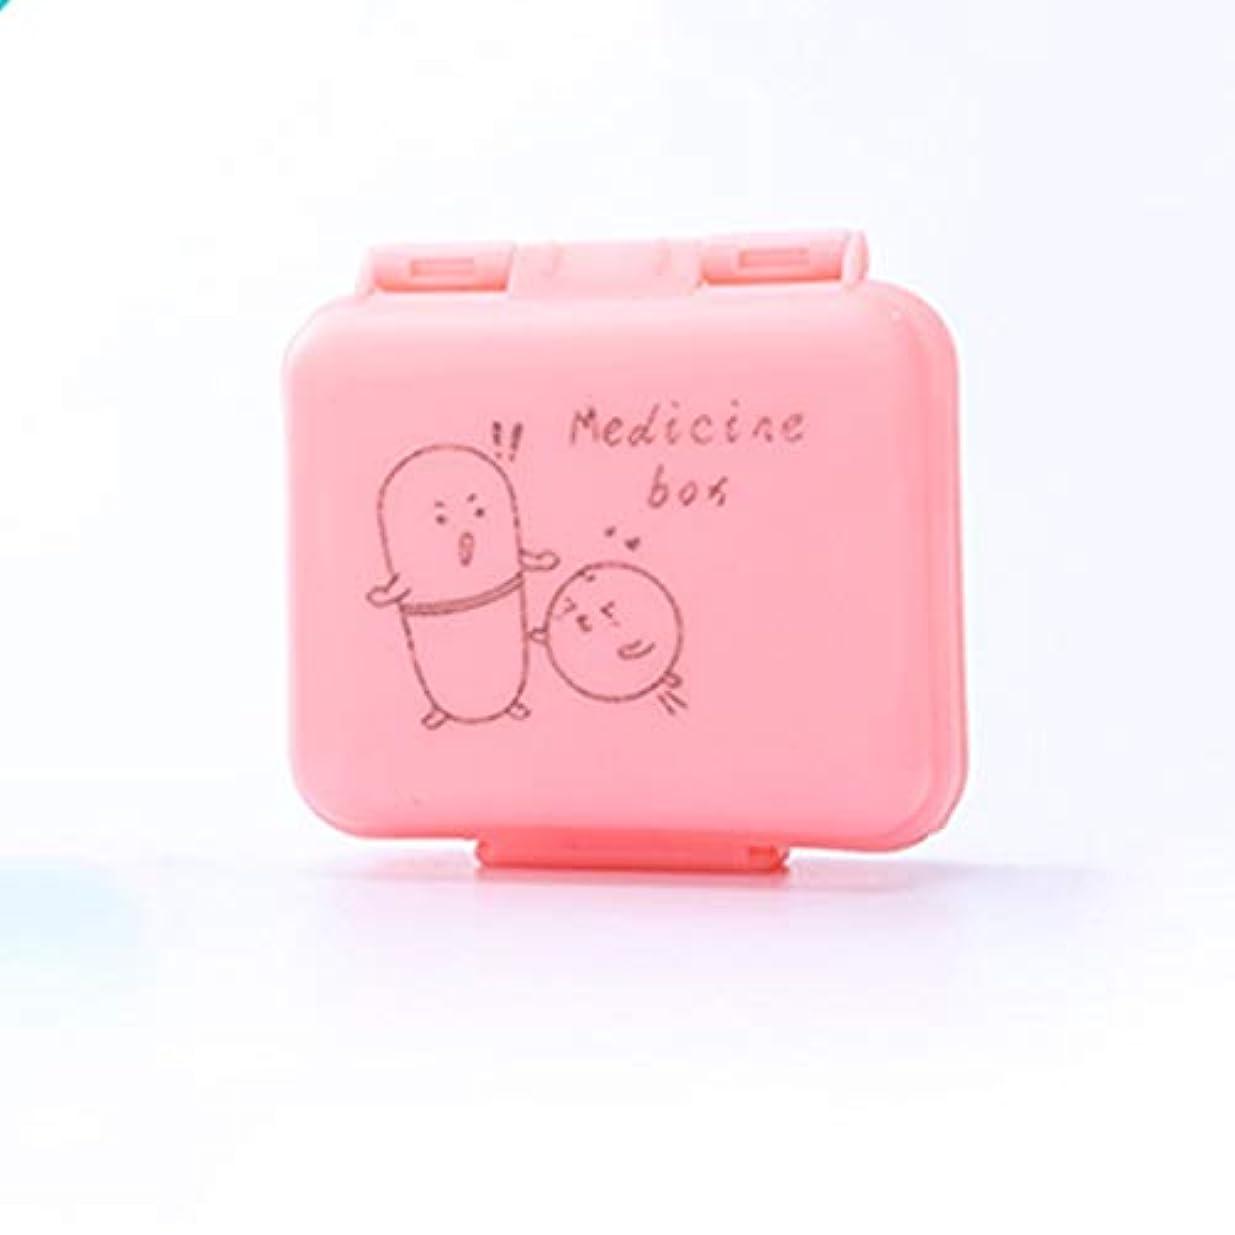 ベーコン程度動脈ポータブルトラベルピルボックス1週間ポータブルミニピル薬箱いっぱい丸薬小さな調剤箱ピルボックス LIUXIN (Color : Pink, Size : 7.2cm×7.6cm×3cm)